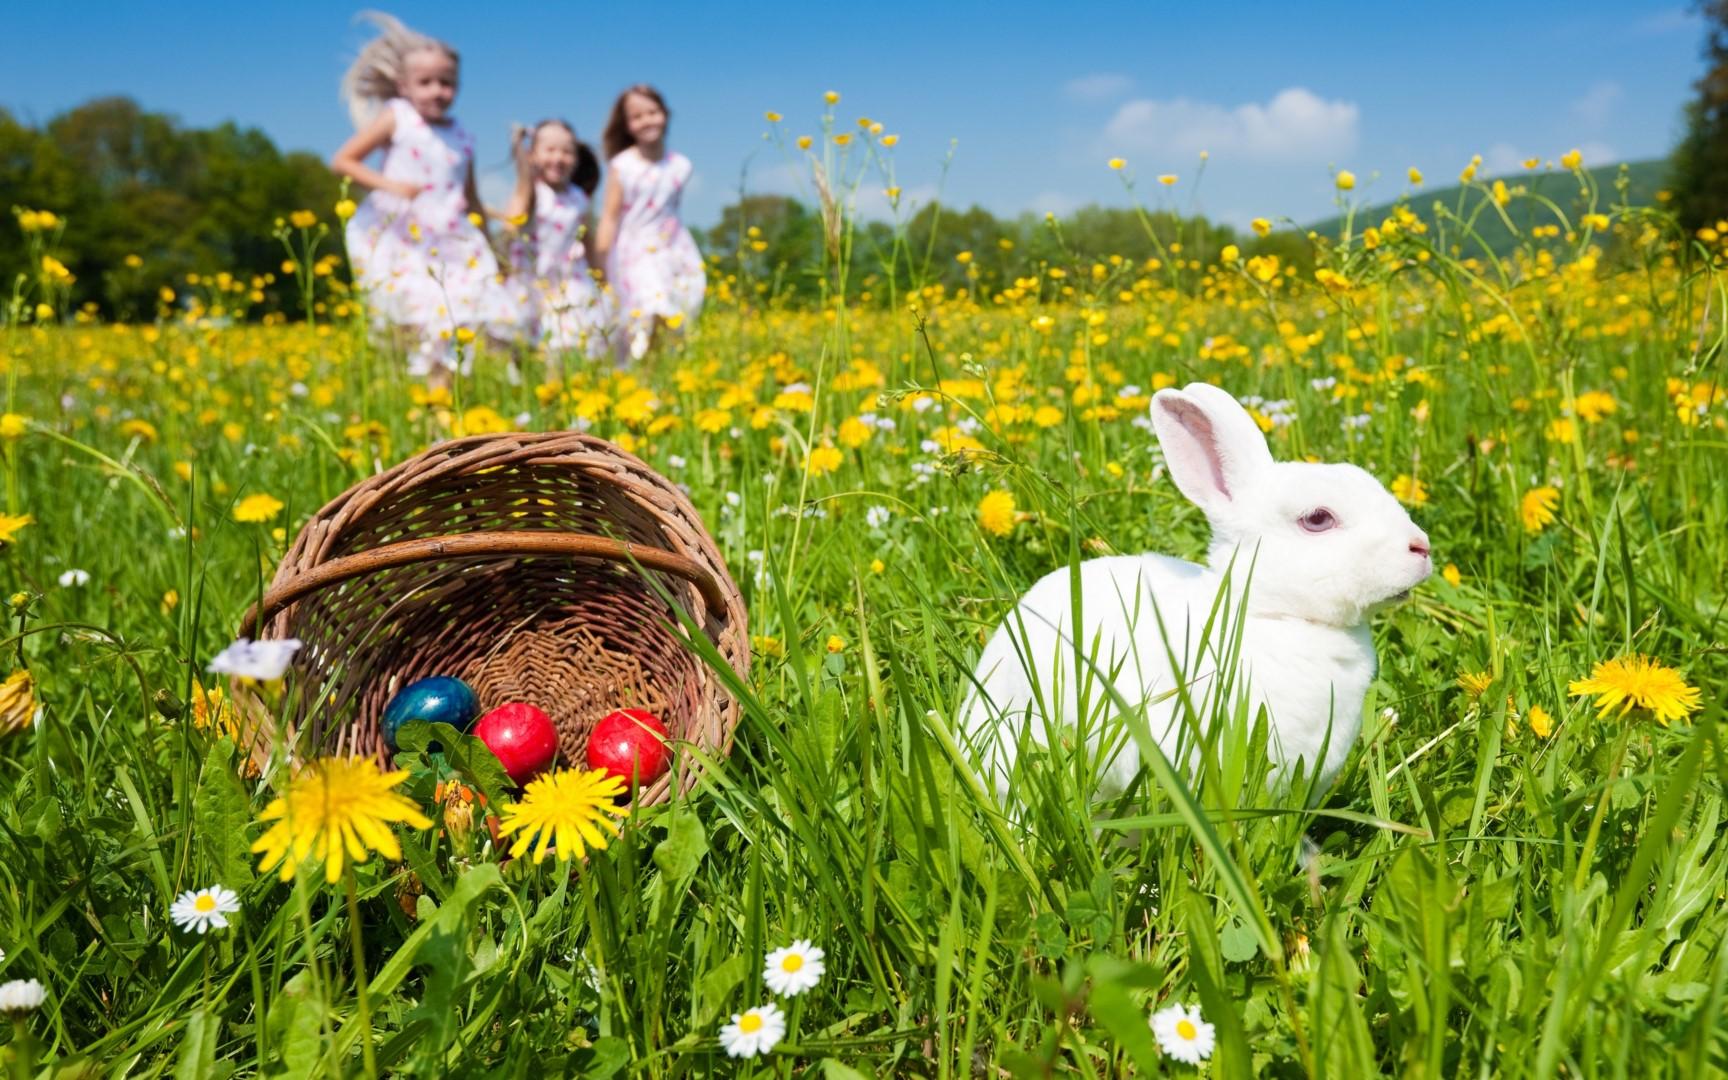 49_t_Easter-basket-spring-time_5120x3200.jpg